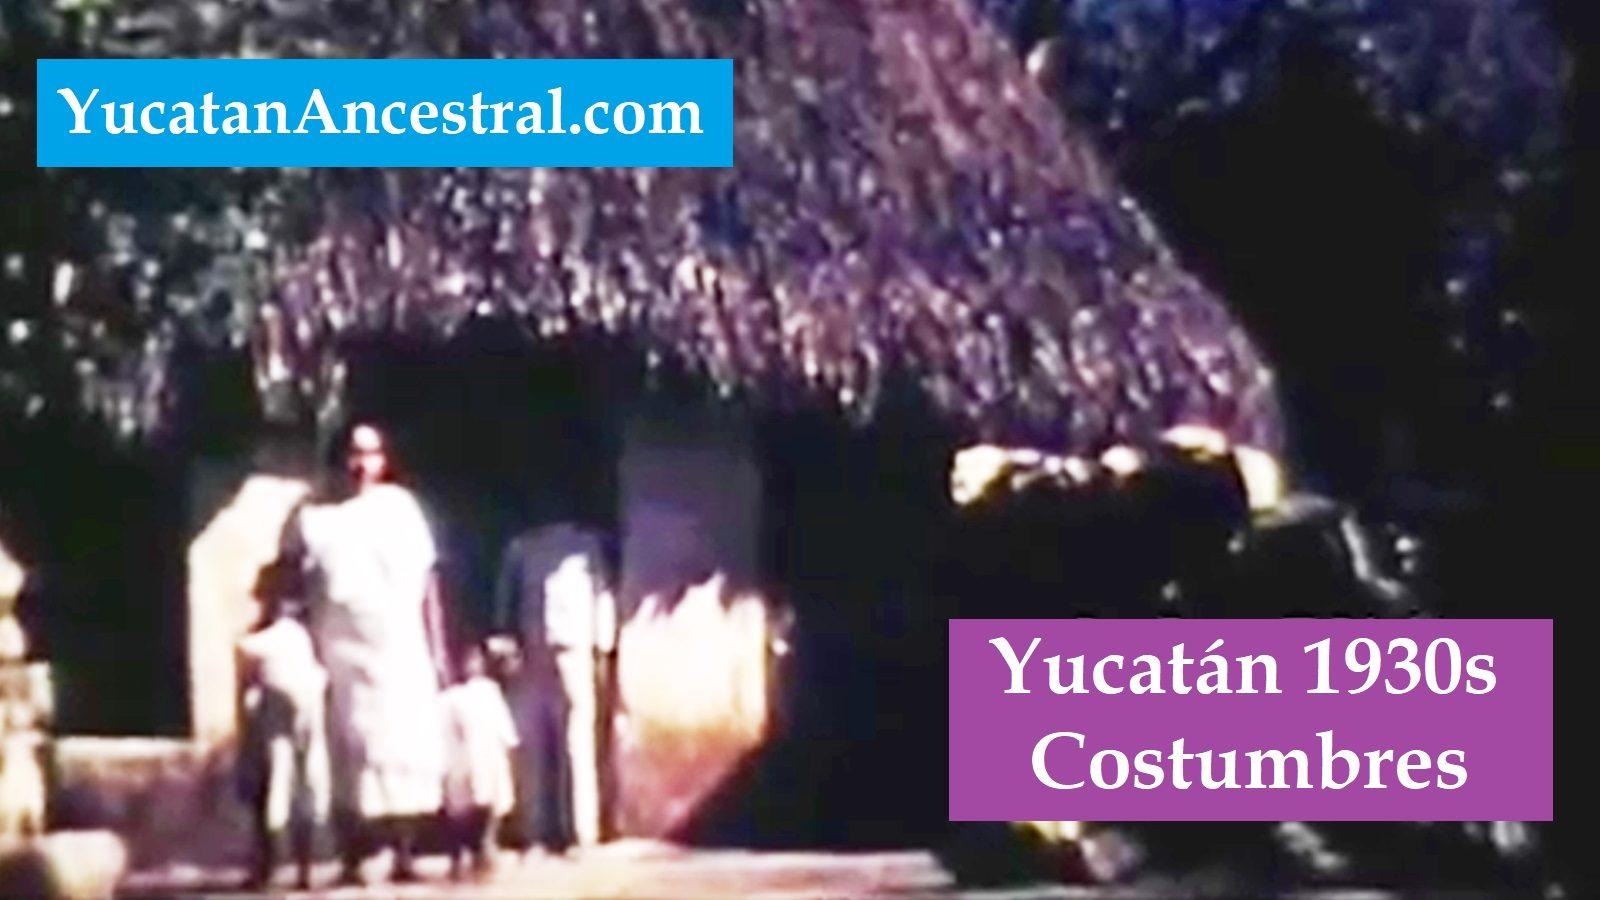 Costumbres de los mayas a fines de los años treinta